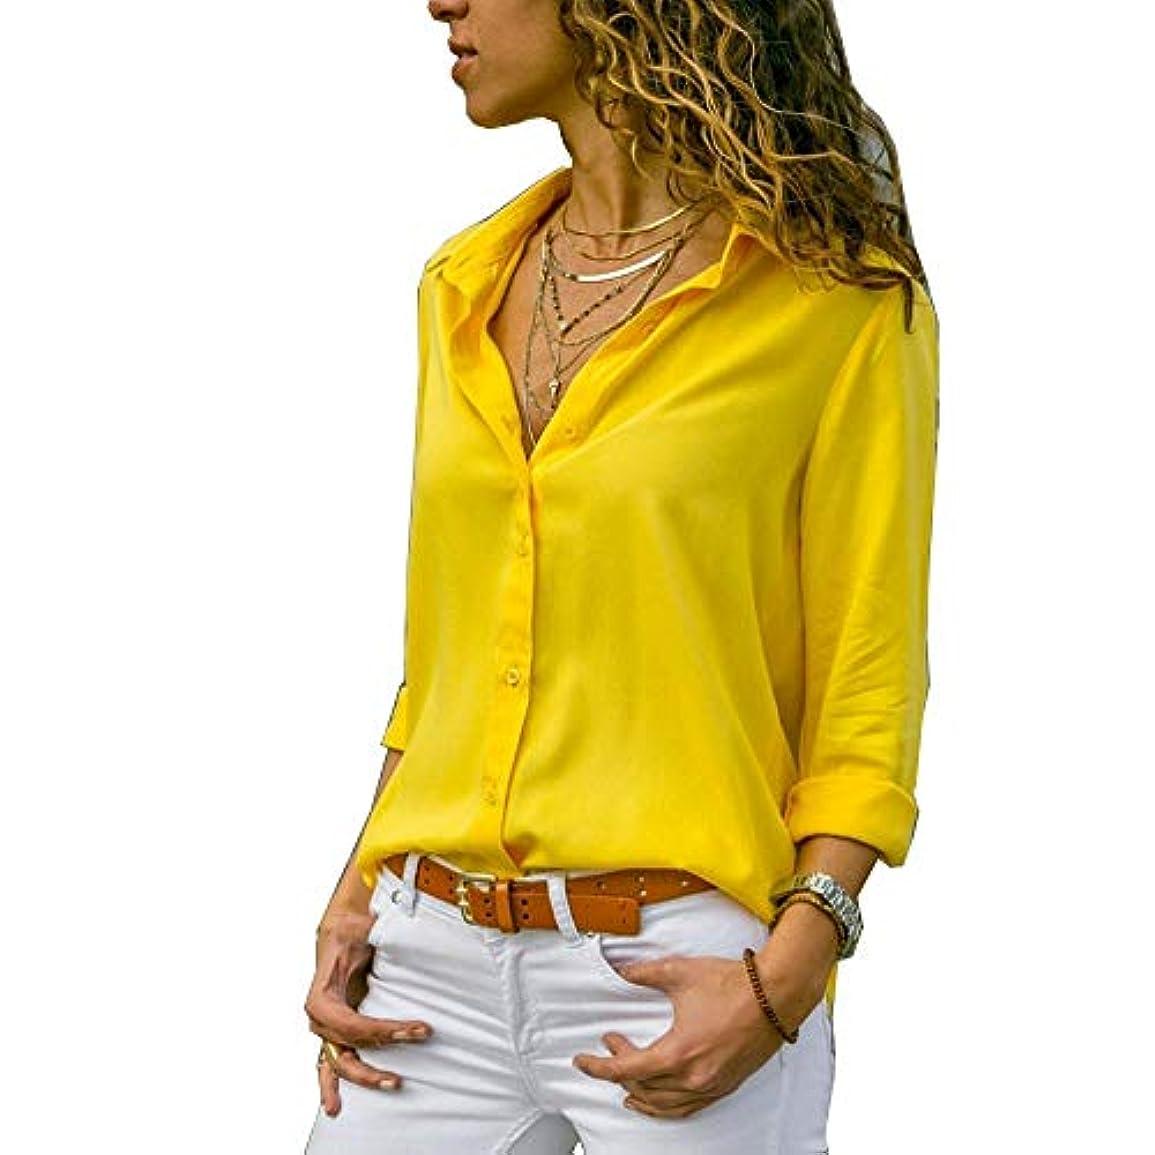 下手栄光トレーダーMIFAN ルーズシャツ、トップス&Tシャツ、プラスサイズ、トップス&ブラウス、シフォンブラウス、女性トップス、シフォンシャツ